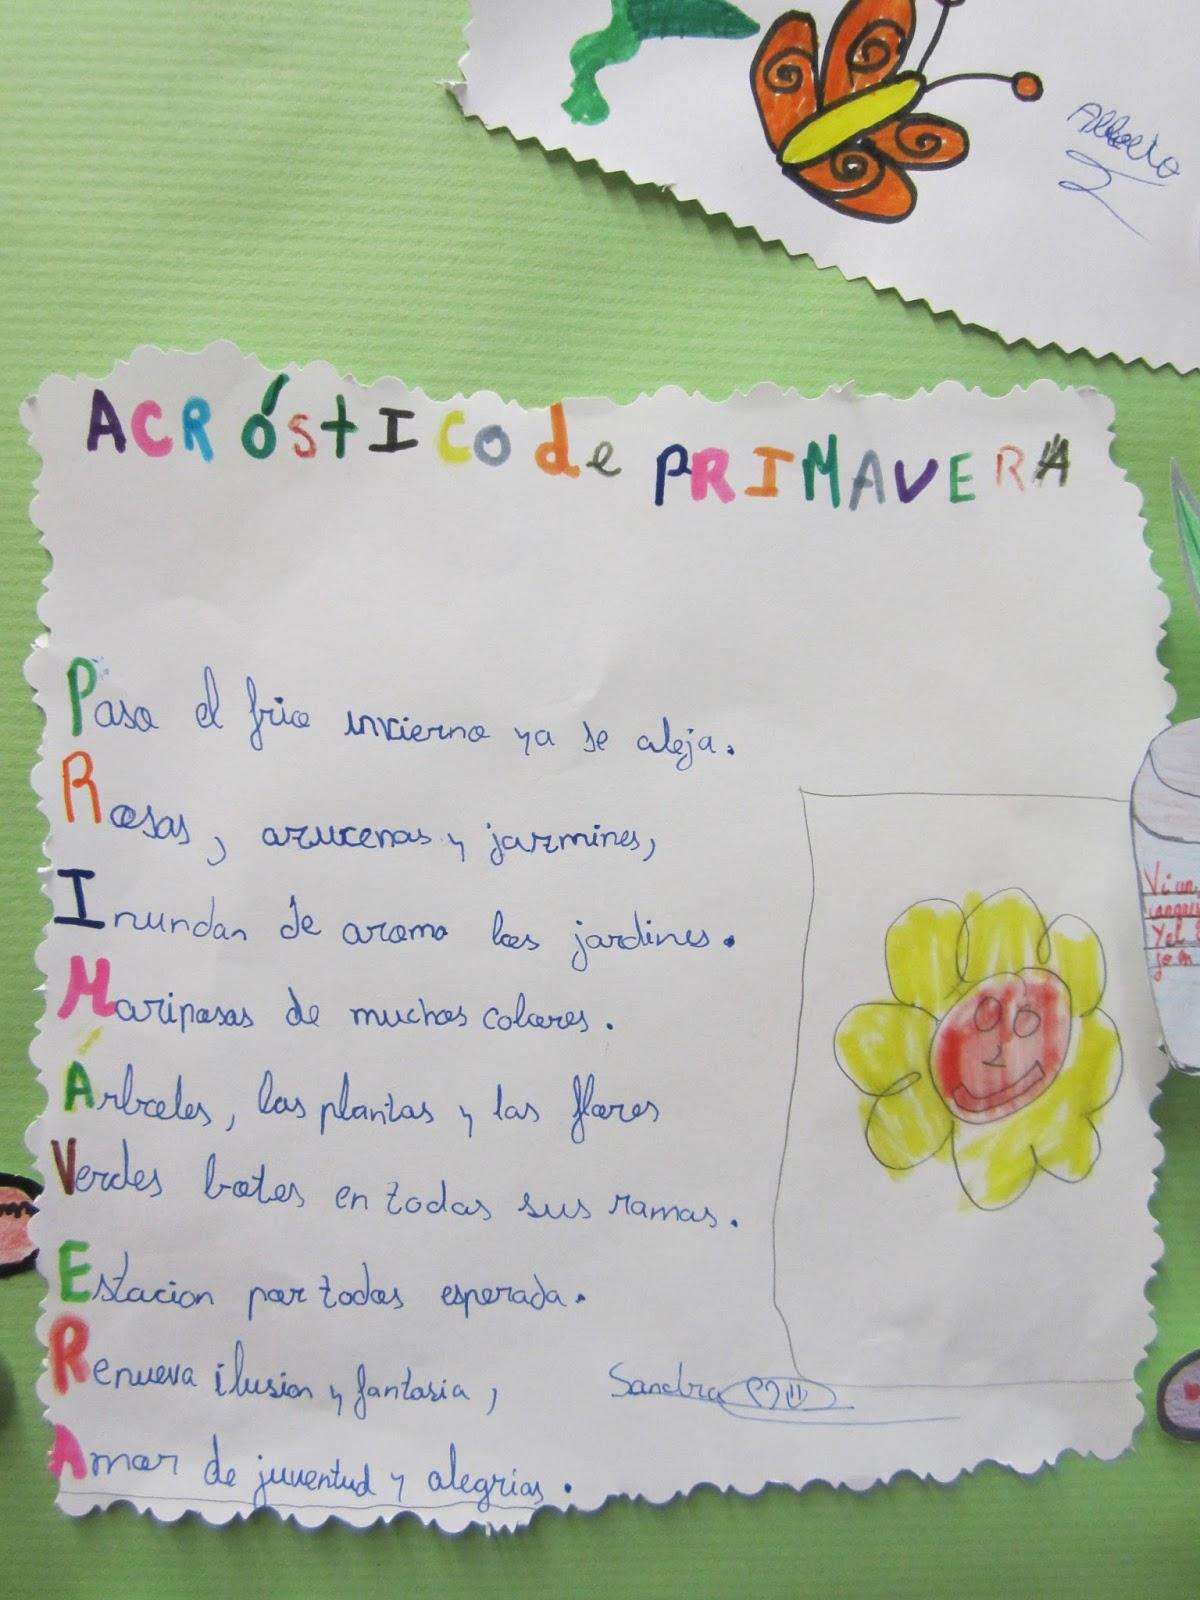 Bonito Primavera Hoja Poema Acróstico Componente - hojas de trabajo ...